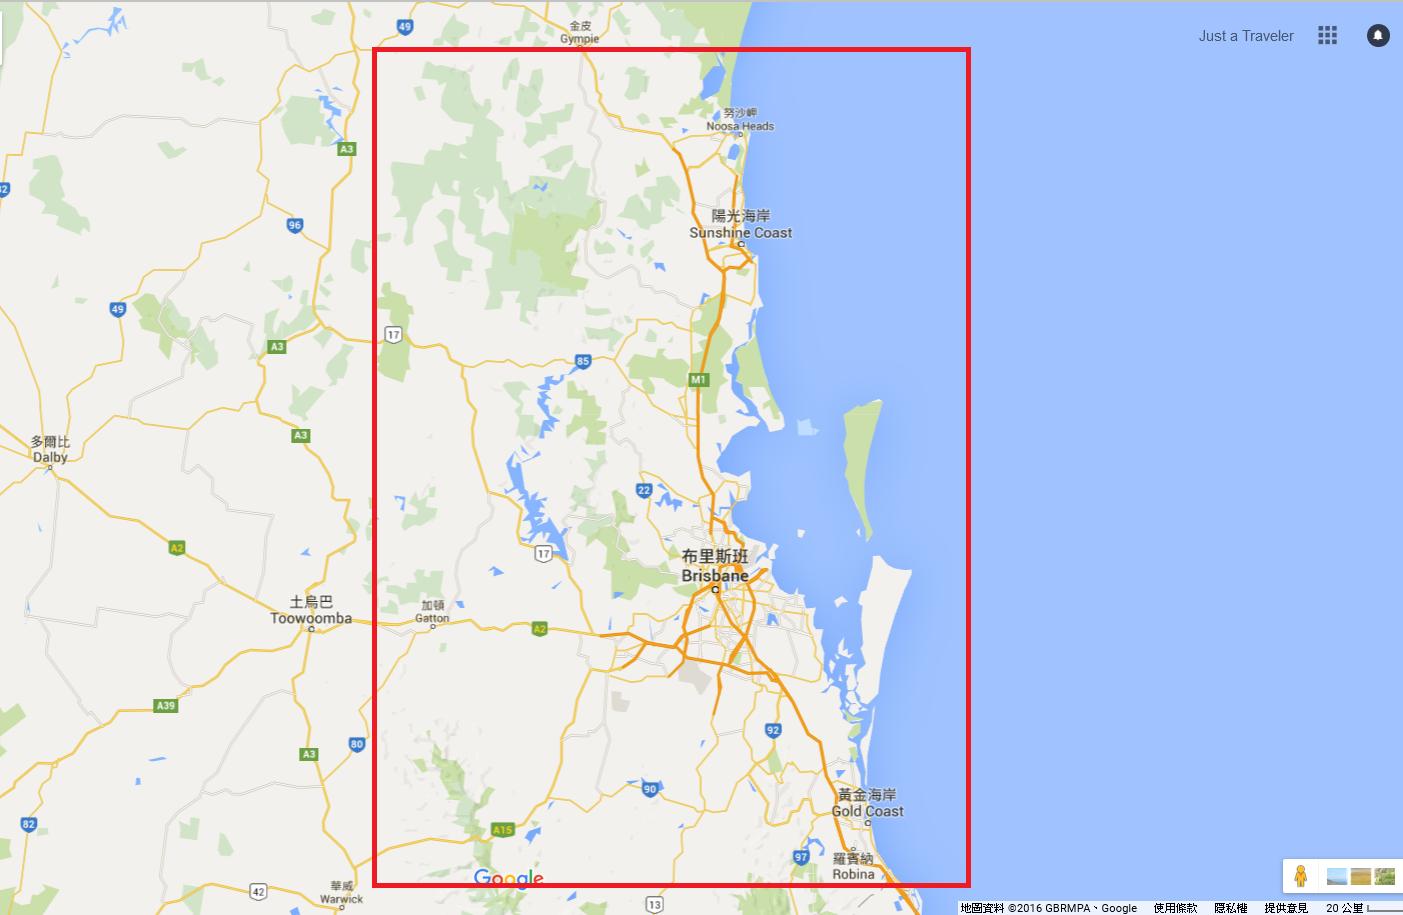 布里斯本-交通-介紹-黃金海岸-SeeQ Card-地圖-Map-巴士-公車-火車-渡輪-輕軌-Brisbane-Gold-Coast-Public-Transport